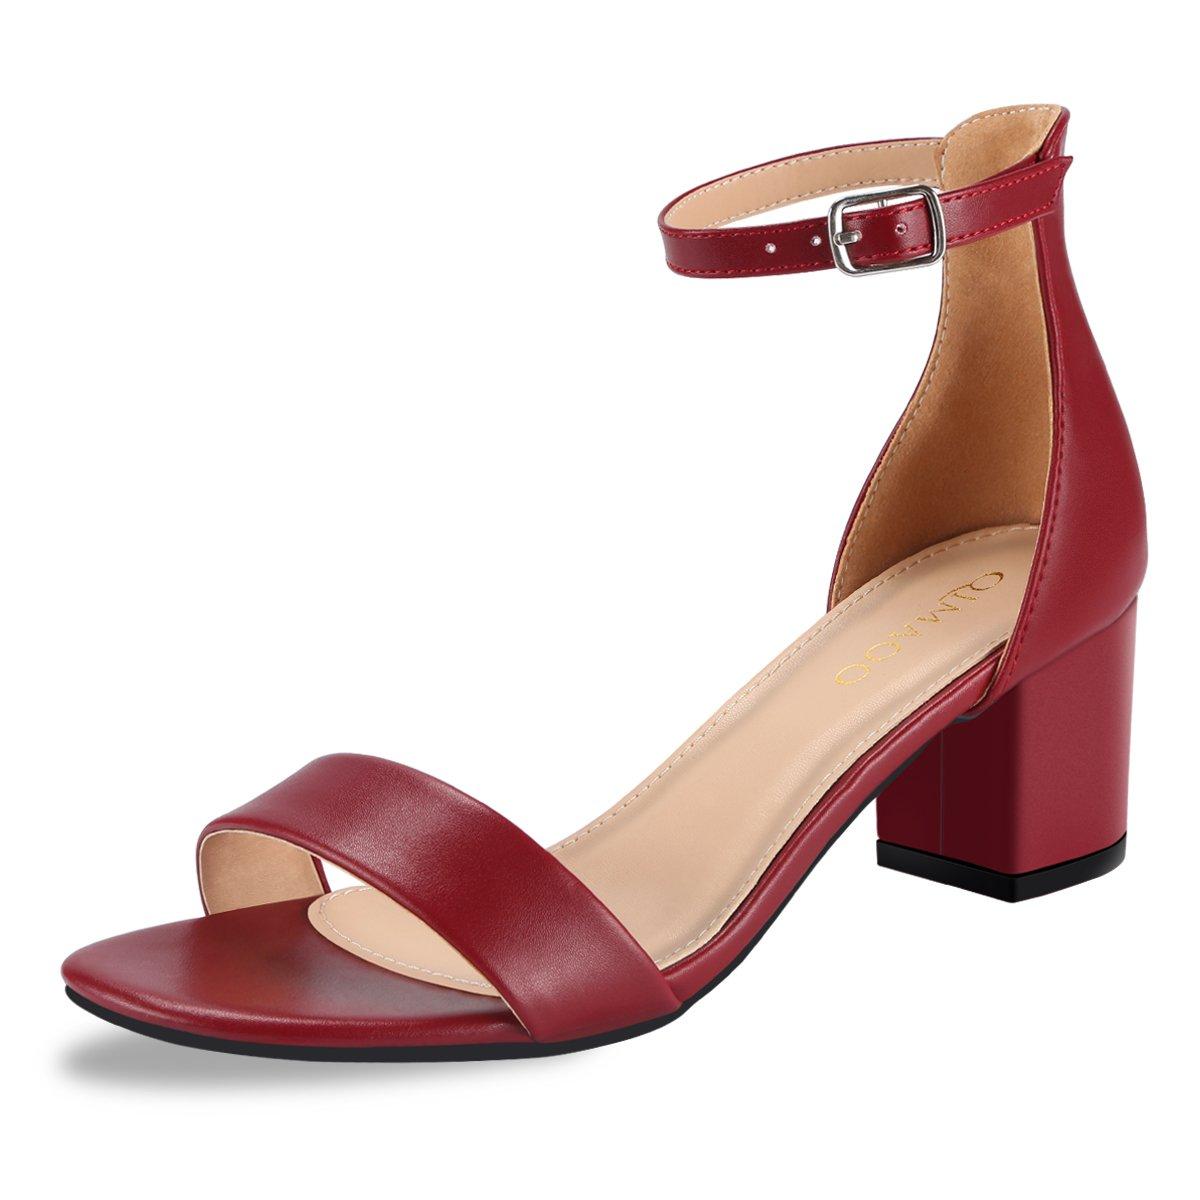 Qimaoo Vin B076GJZ2KB Femme Été Sandales à Talon 19660 Carré, Chaussures à Haut Talon de 6cm pour Mariage Soirée Fête Vin Rouge 8196a0f - reprogrammed.space